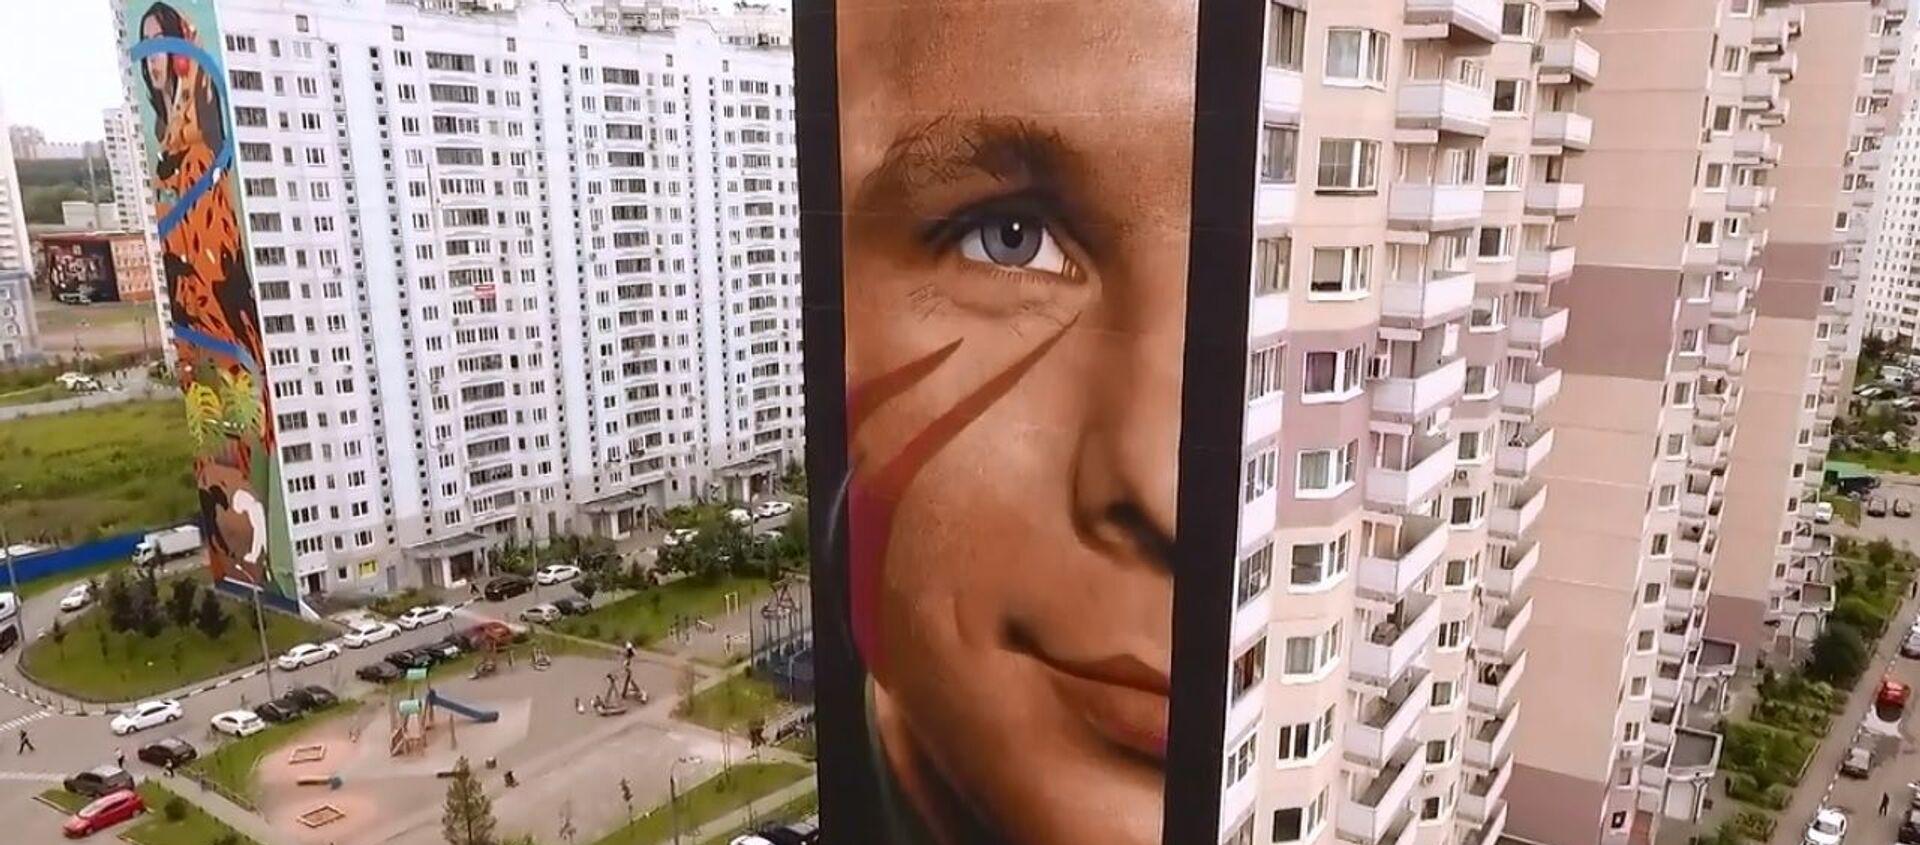 Artista italiano realizza enorme volto di Juri Gagarin su palazzo a Mosca - Sputnik Italia, 1920, 31.08.2019